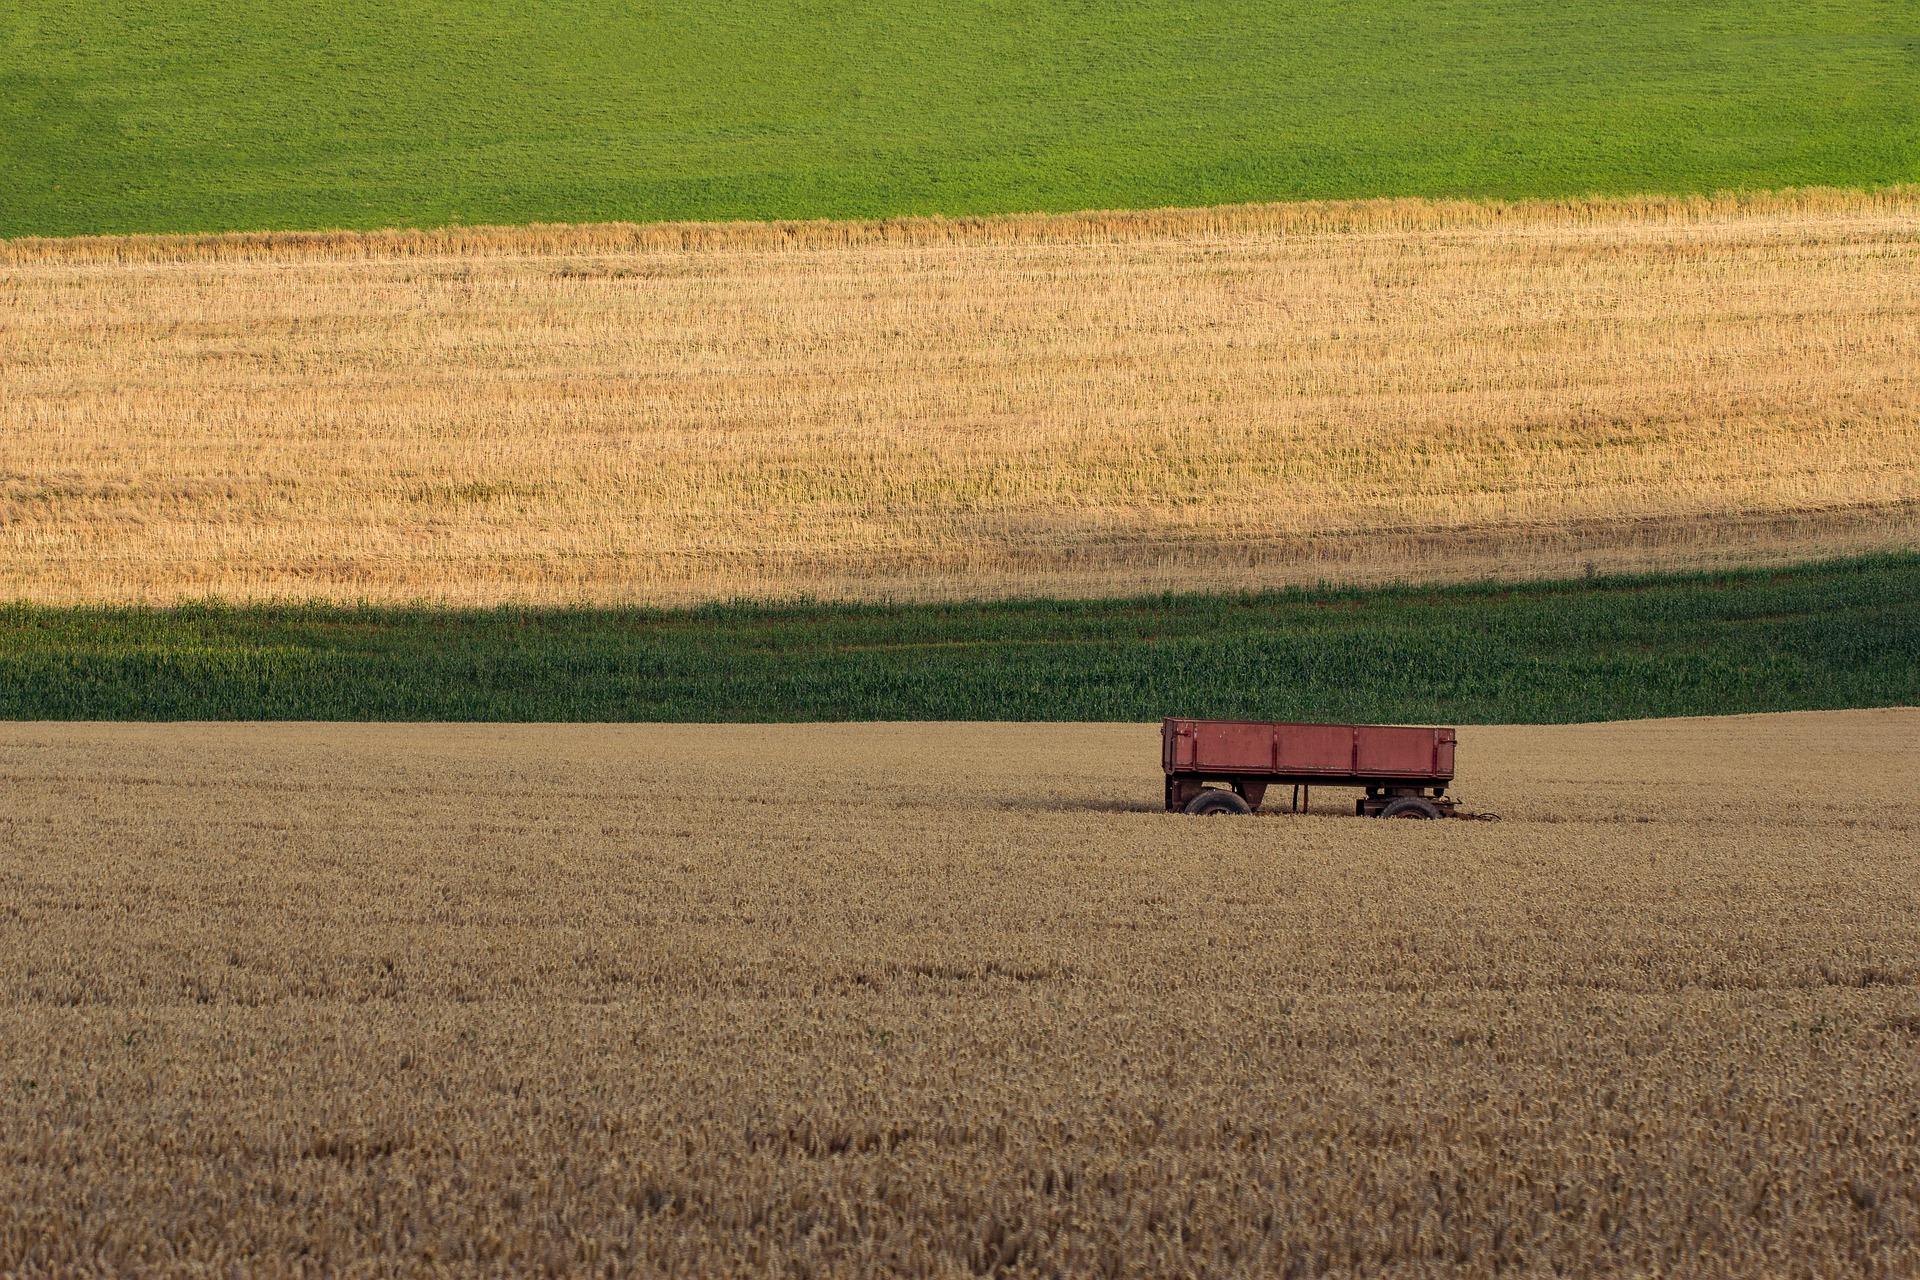 Вартість сільськогосподарської землі становитиме 50-60 тис. грн за гектар — Висоцький